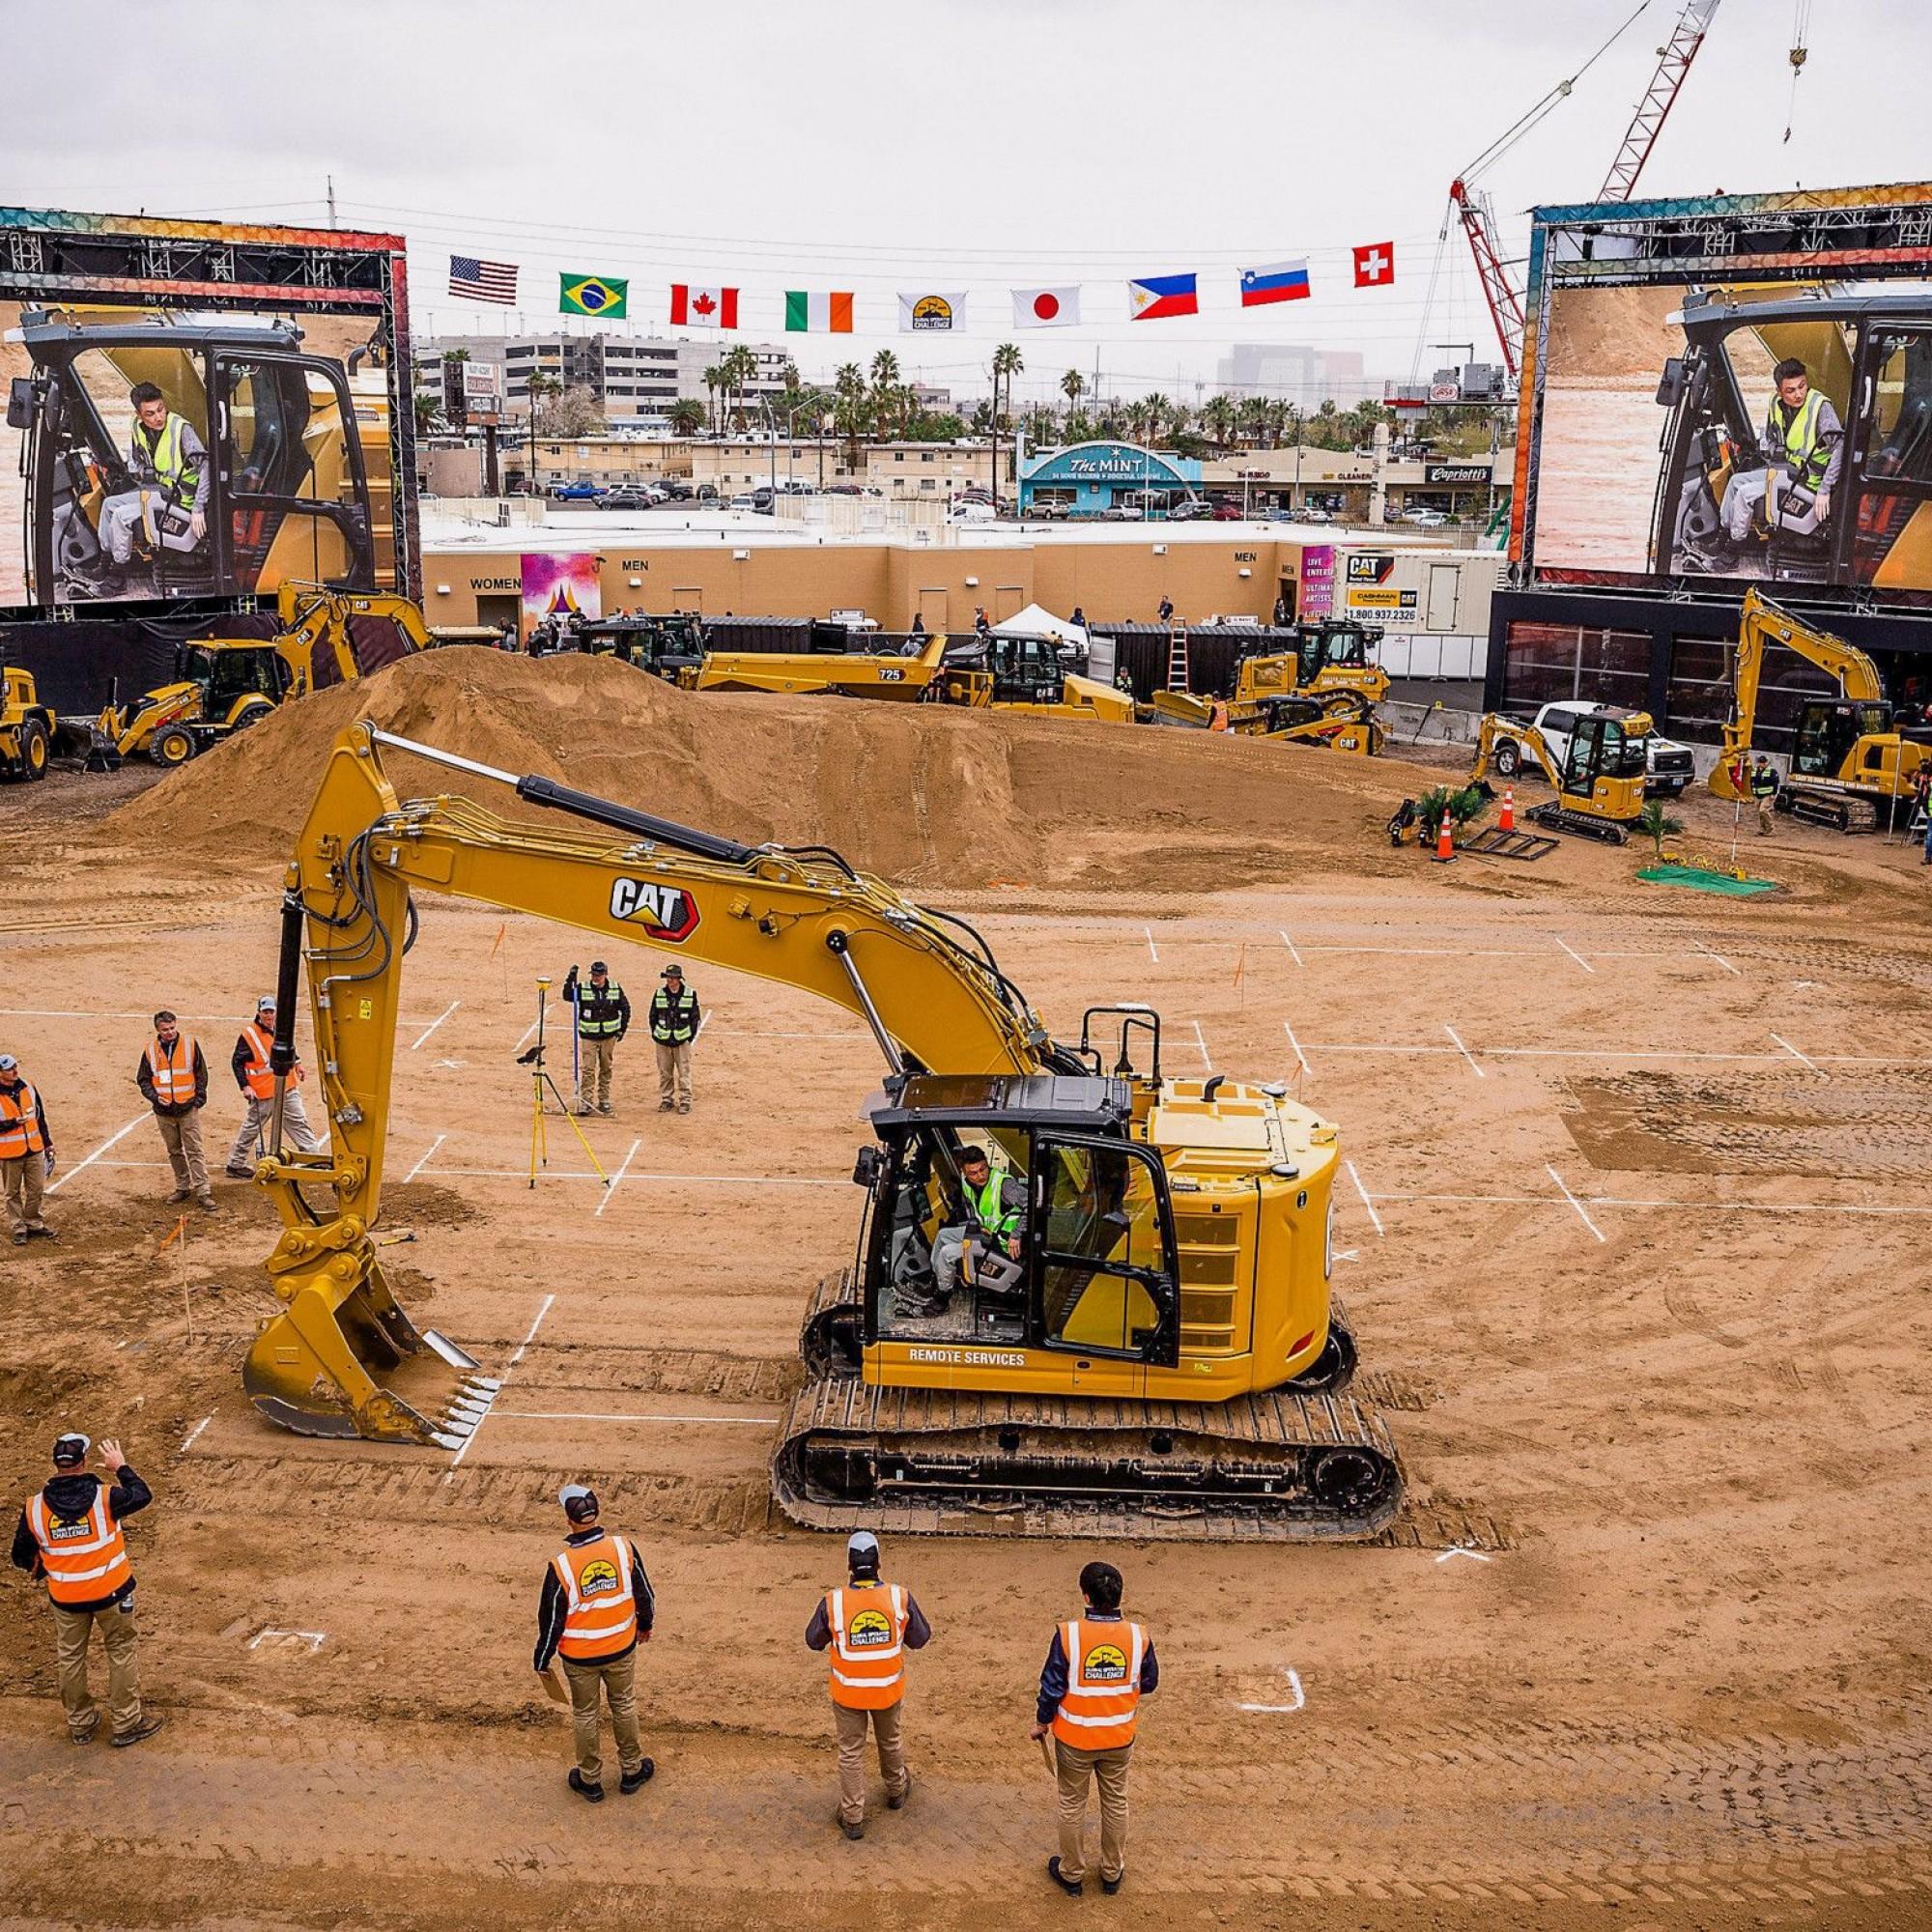 Cat Operator-Stadion auf dem Messeareal der Conexpo 2020 in Las Vegas